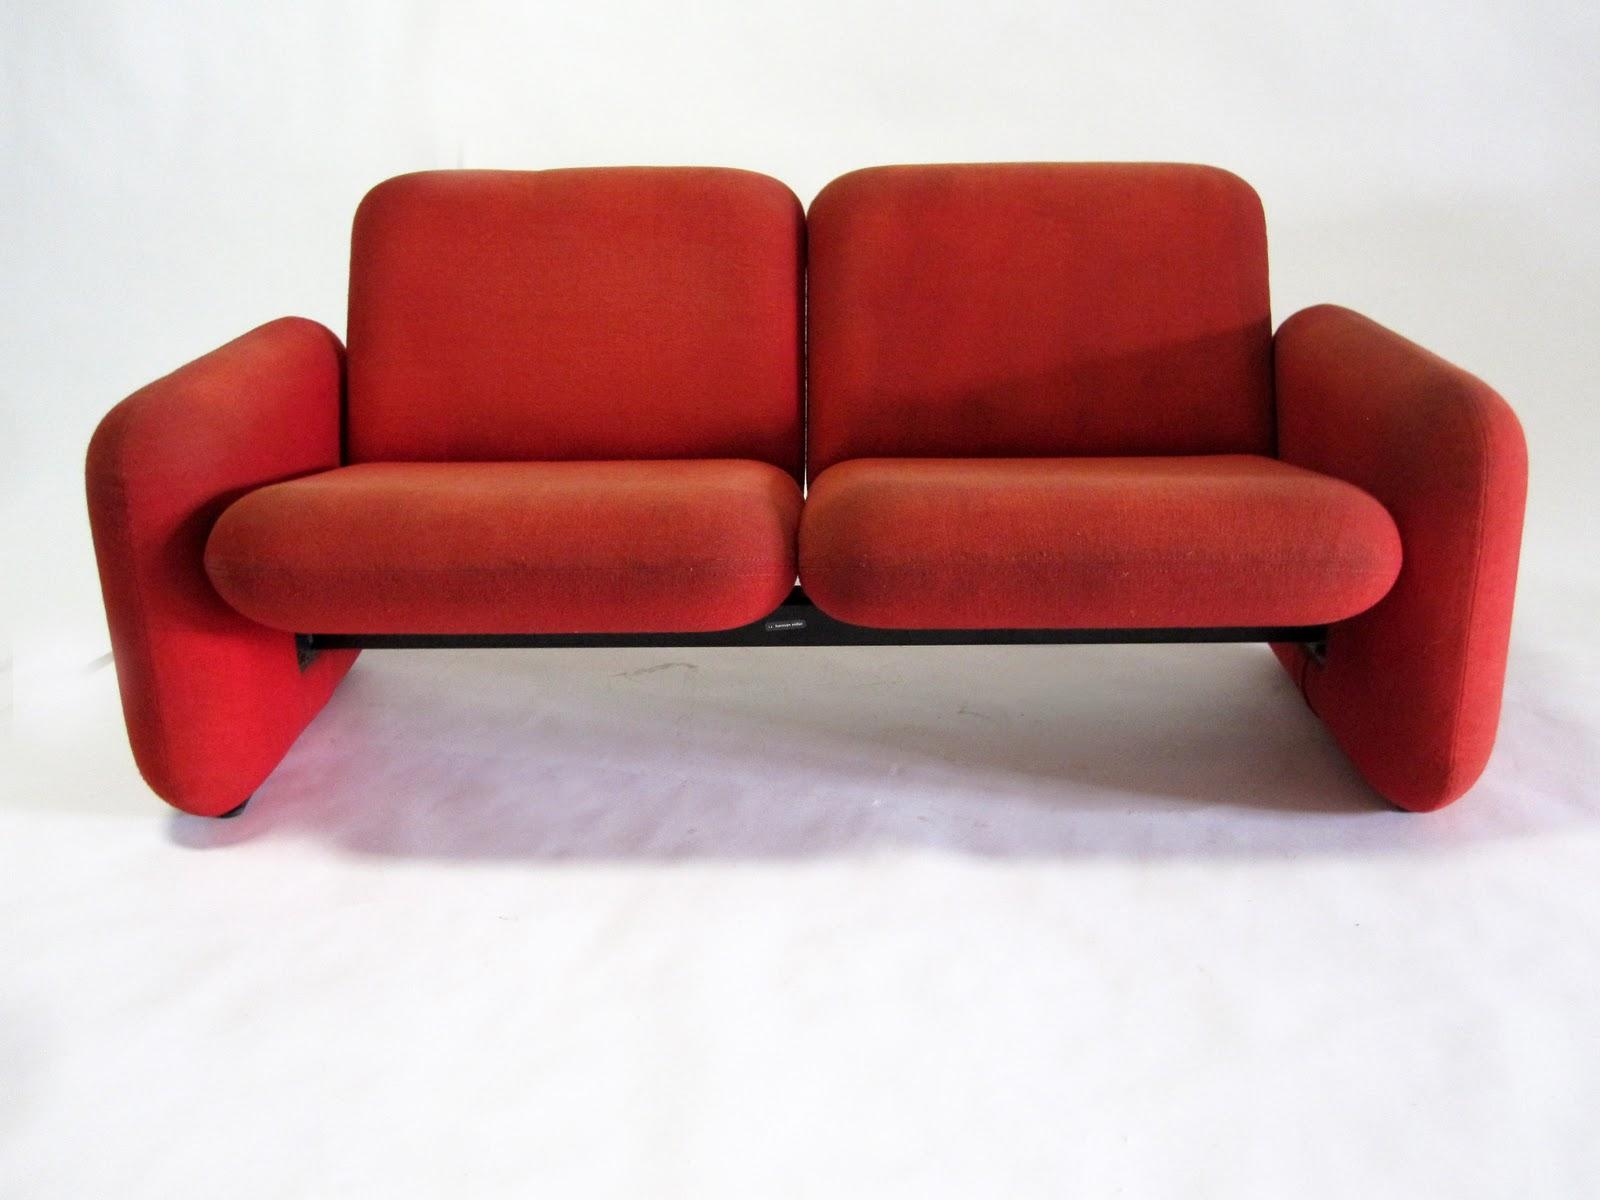 circa midcentury: herman miller chiclet sofa